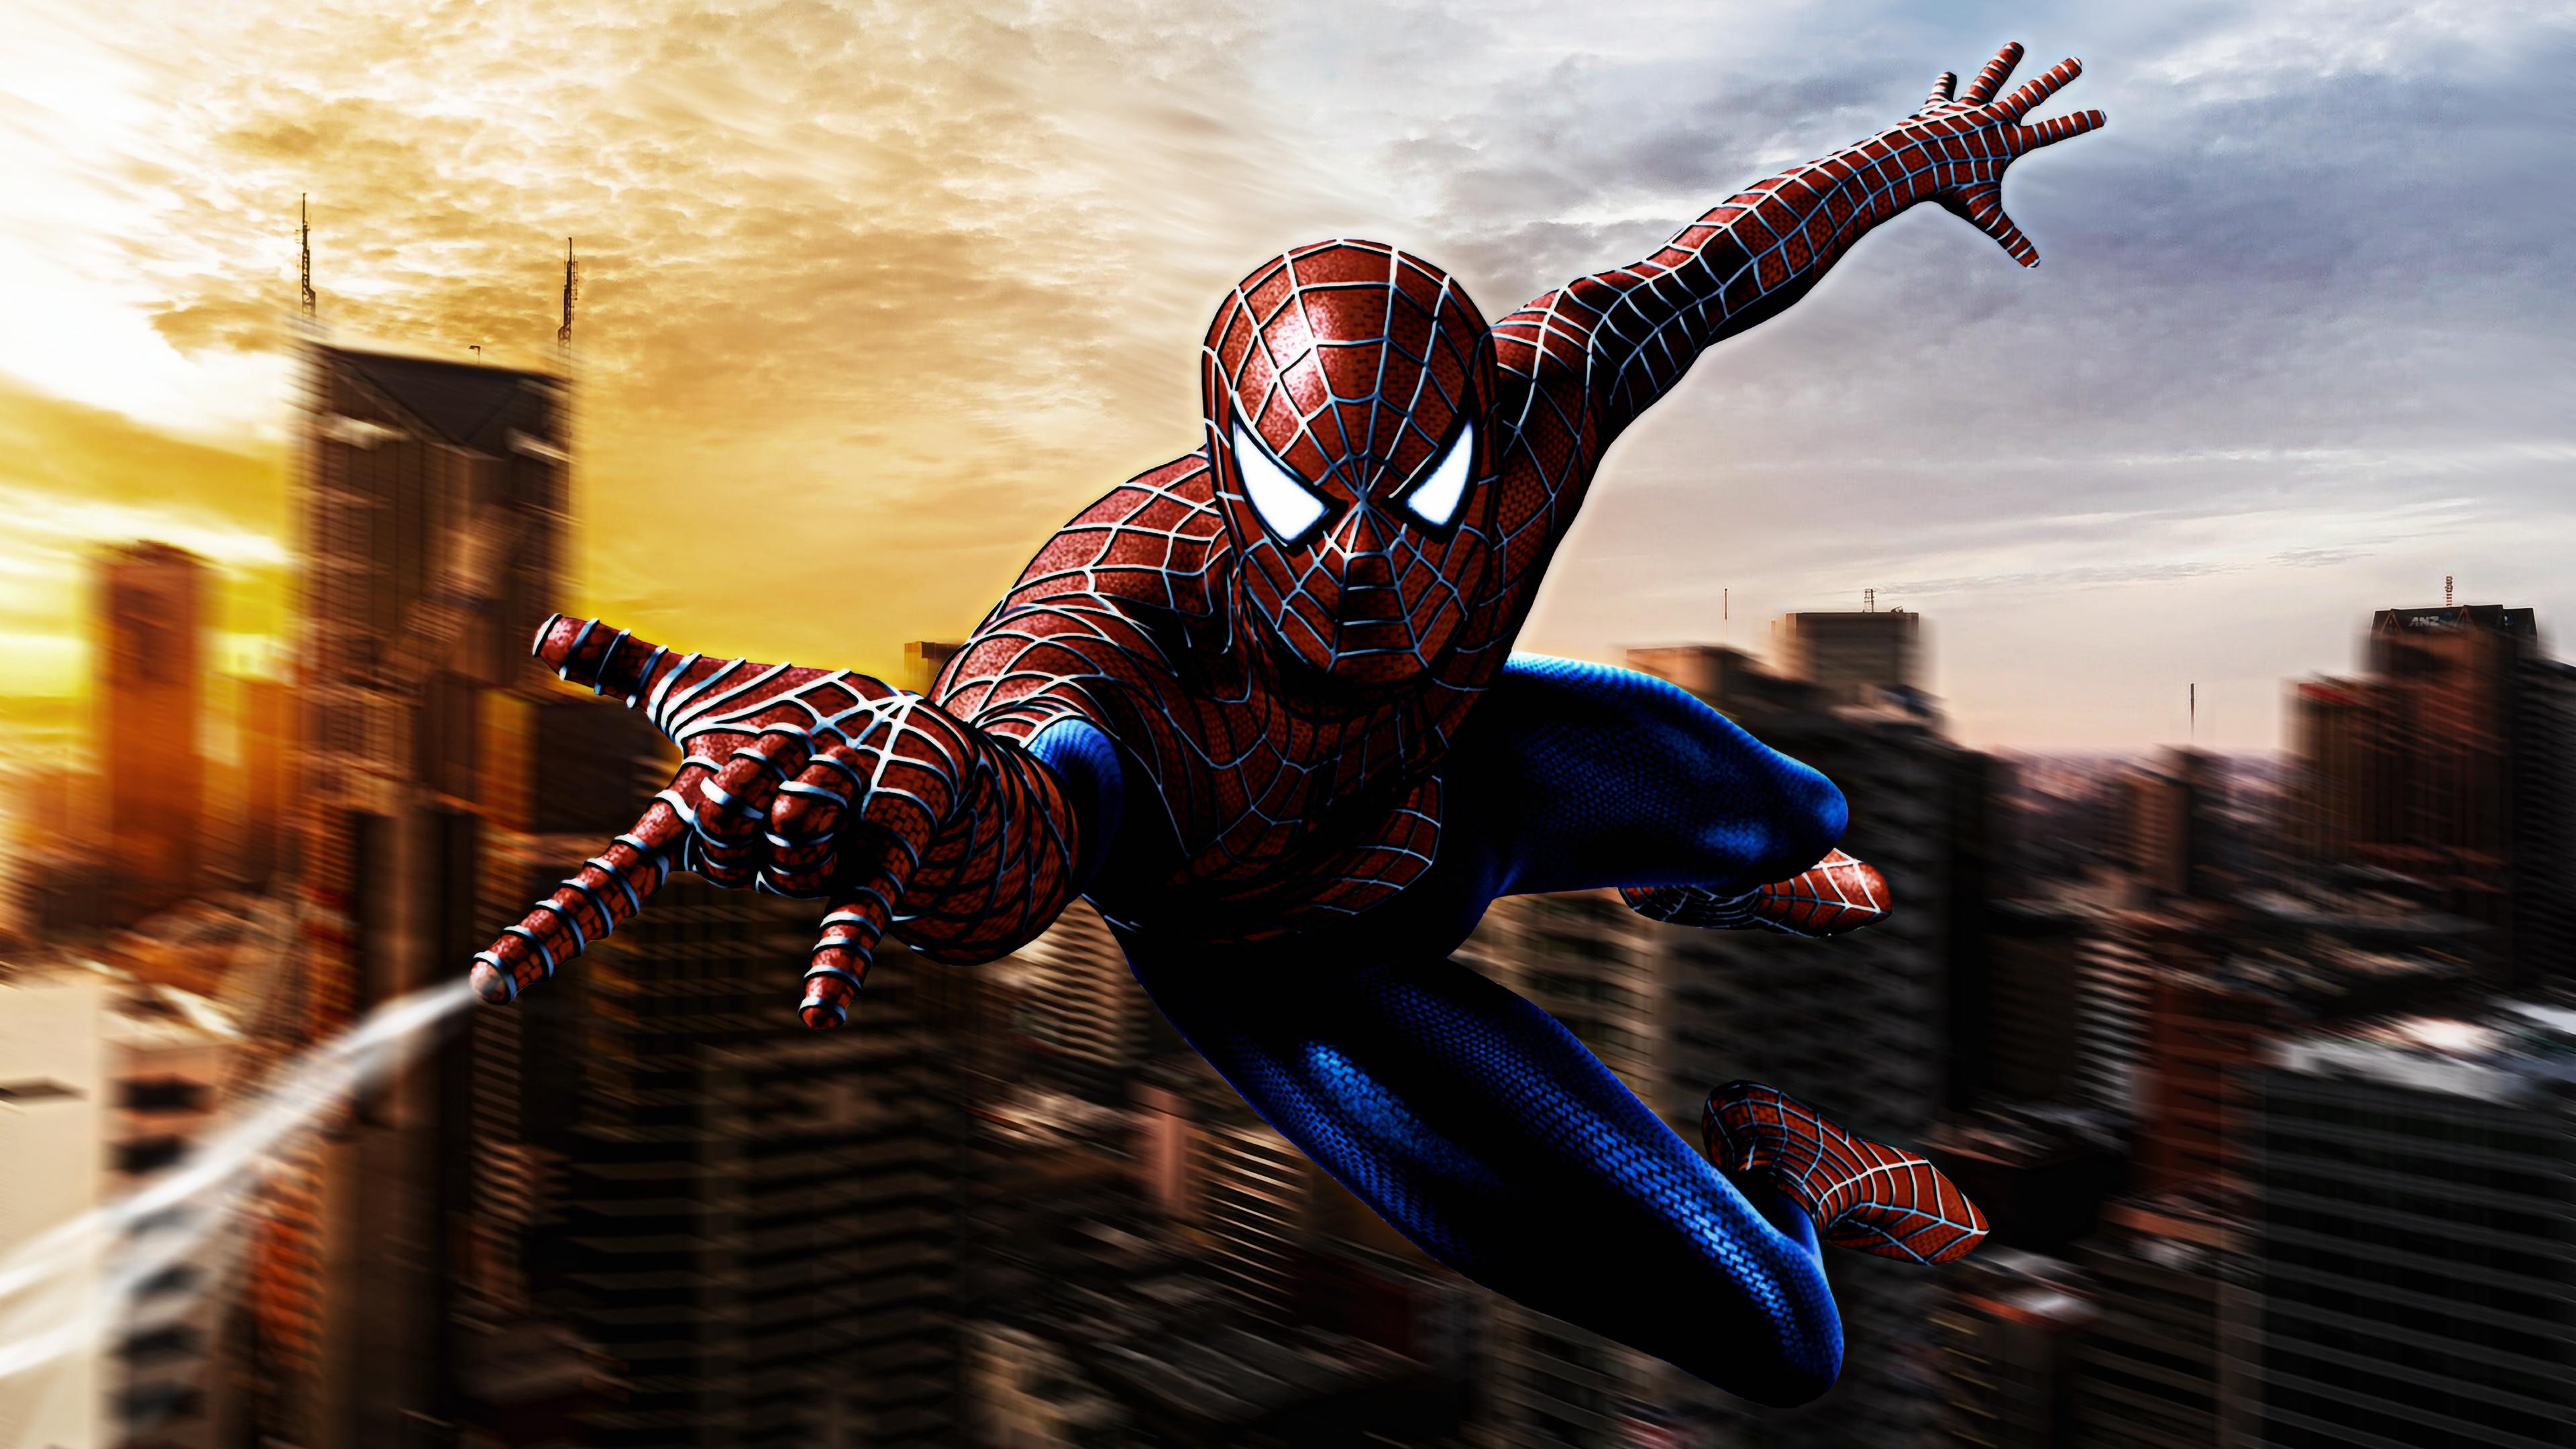 4k spider man 1560533647 - 4k Spider Man - superheroes wallpapers, spiderman wallpapers, hd-wallpapers, digital art wallpapers, behance wallpapers, artwork wallpapers, art wallpapers, 4k-wallpapers